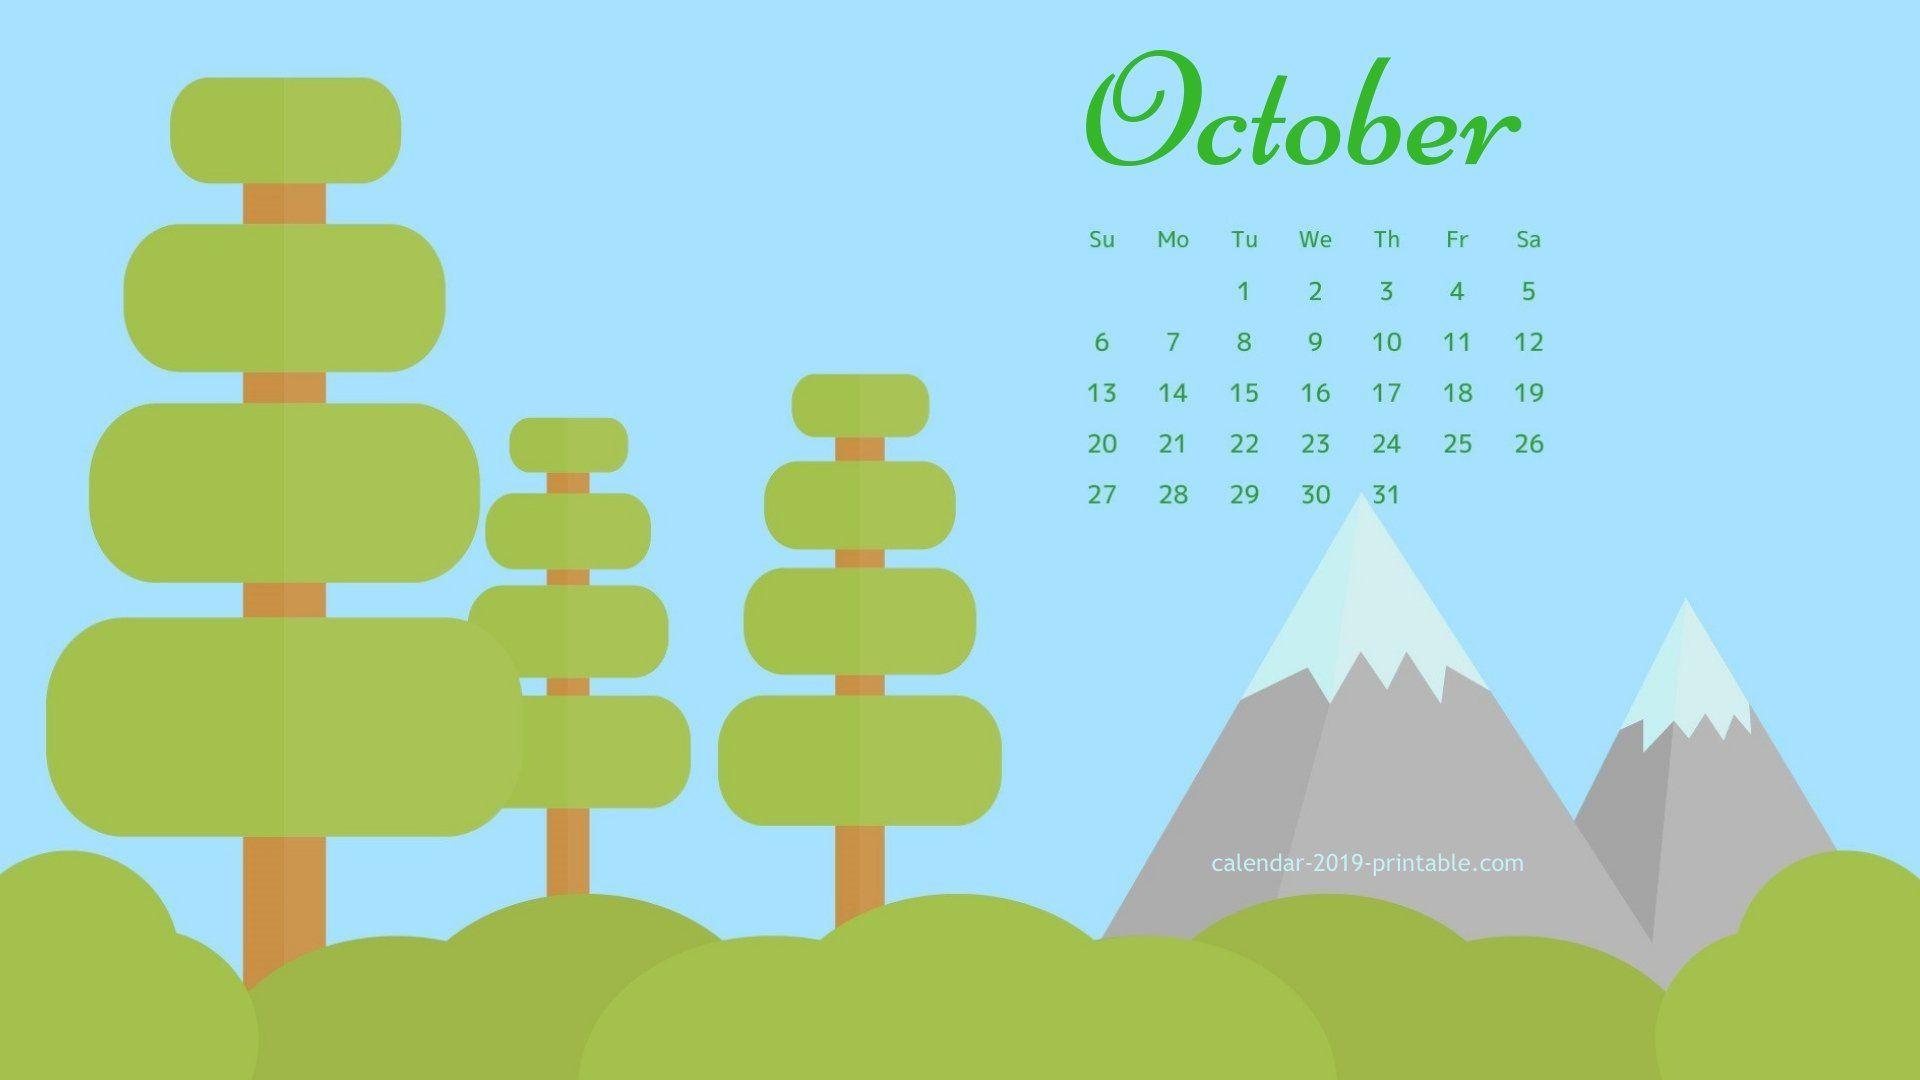 October 2019 Calendar Desktop Wallpapers 2019 calendar